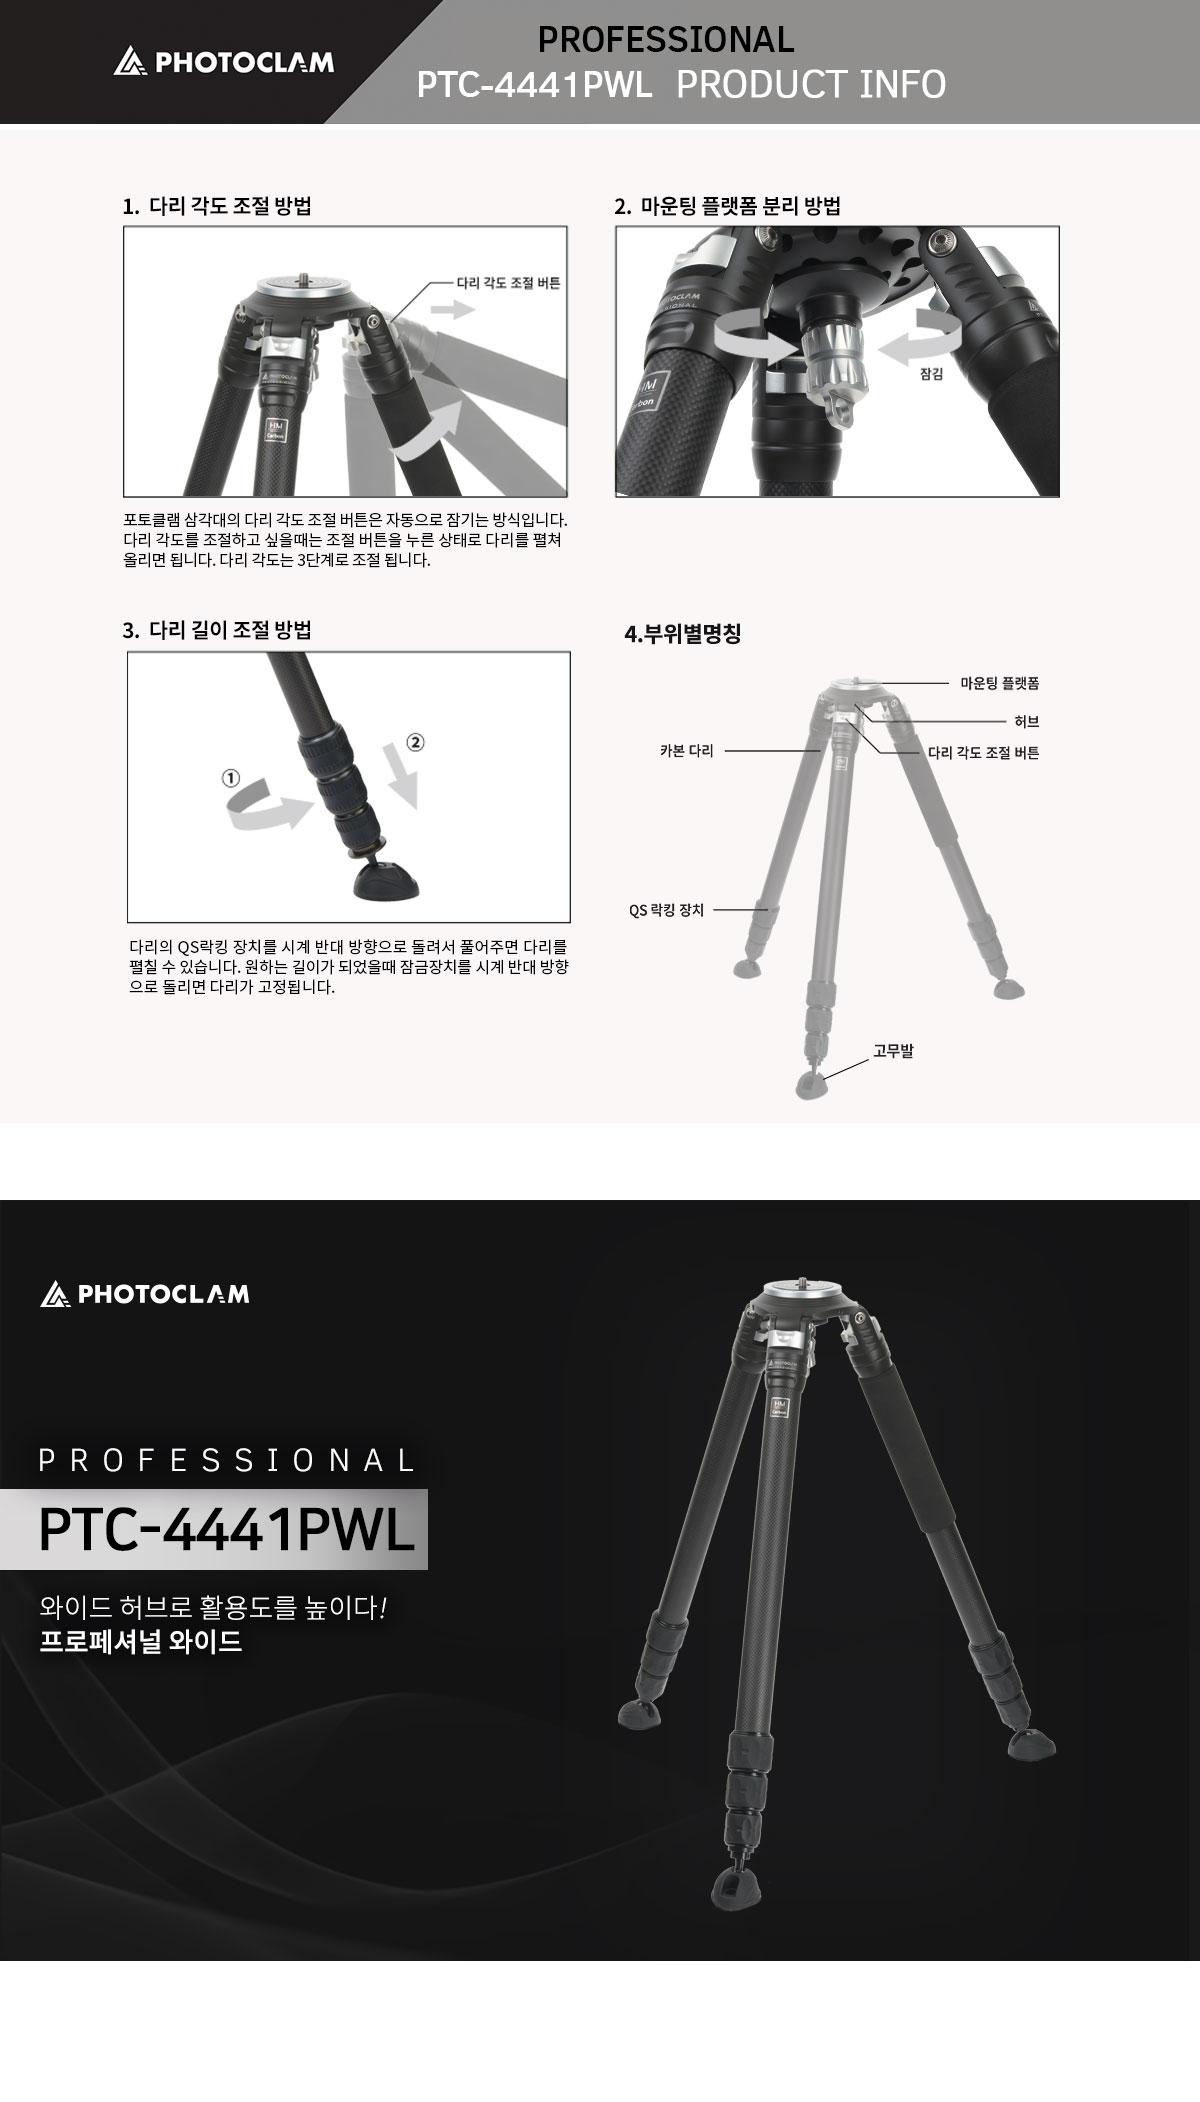 포토클램 프로페셔널 카본 삼각대